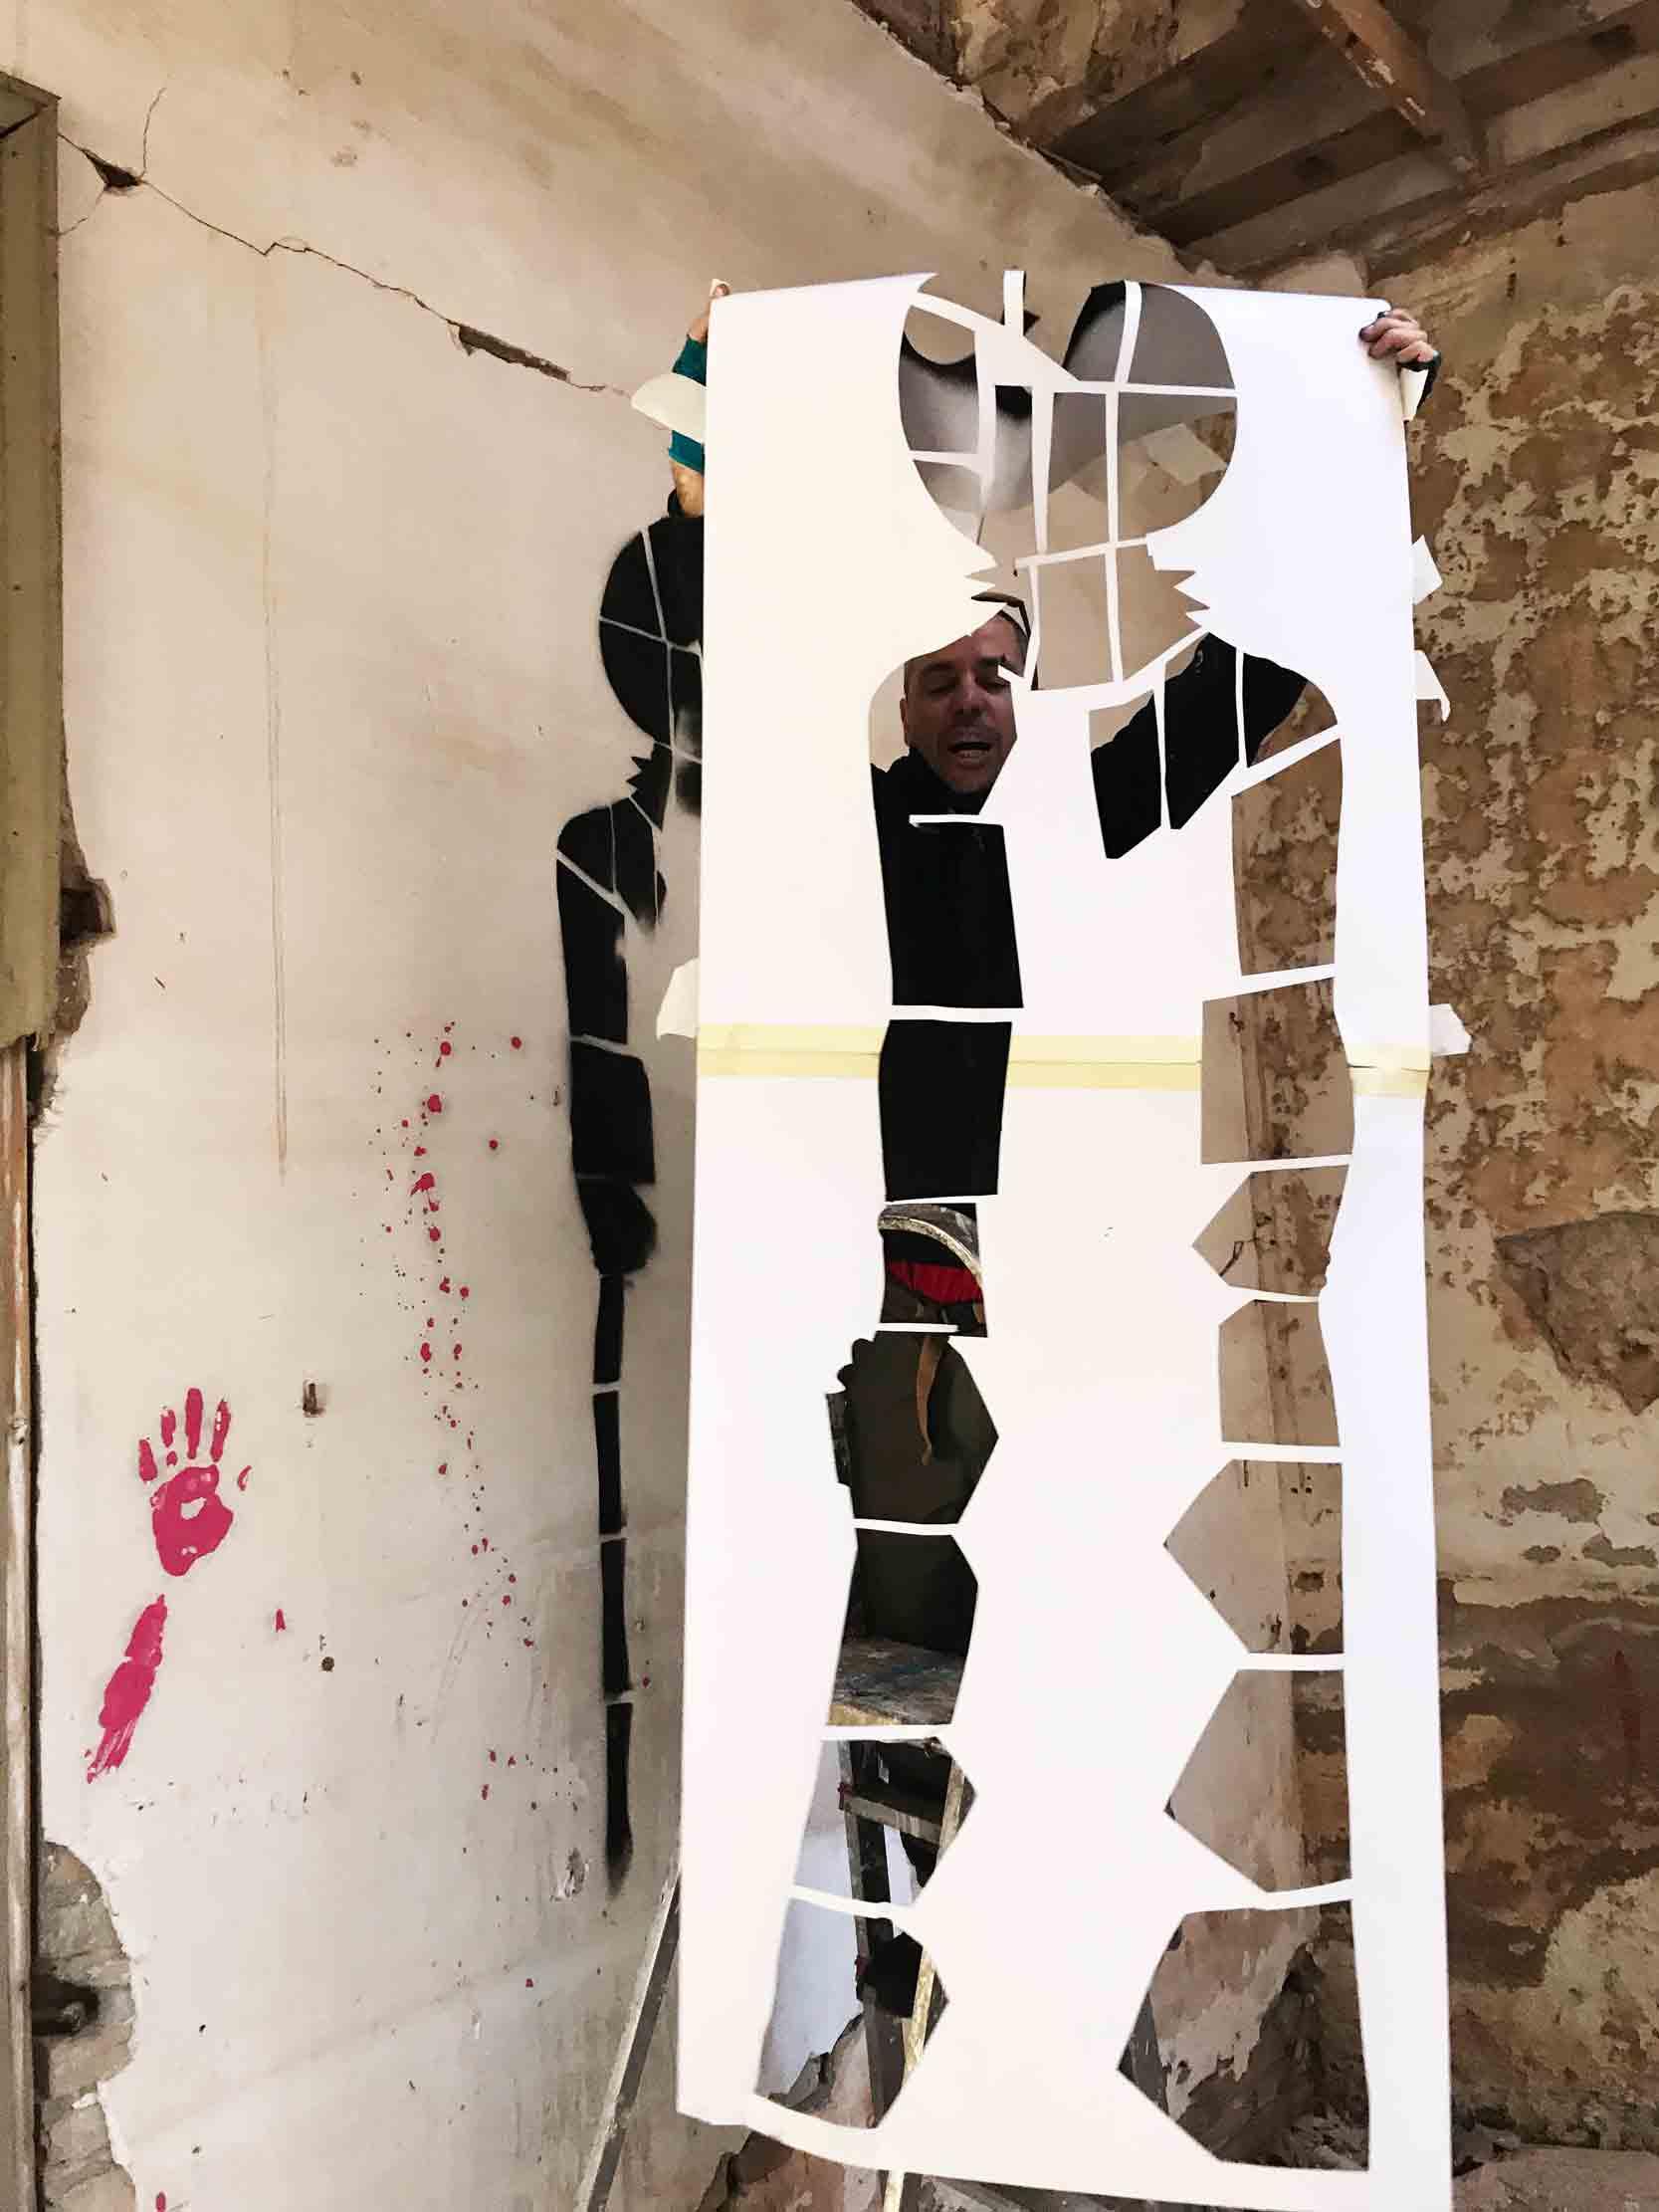 arte urbano sm172 exposición de arte Barcelona